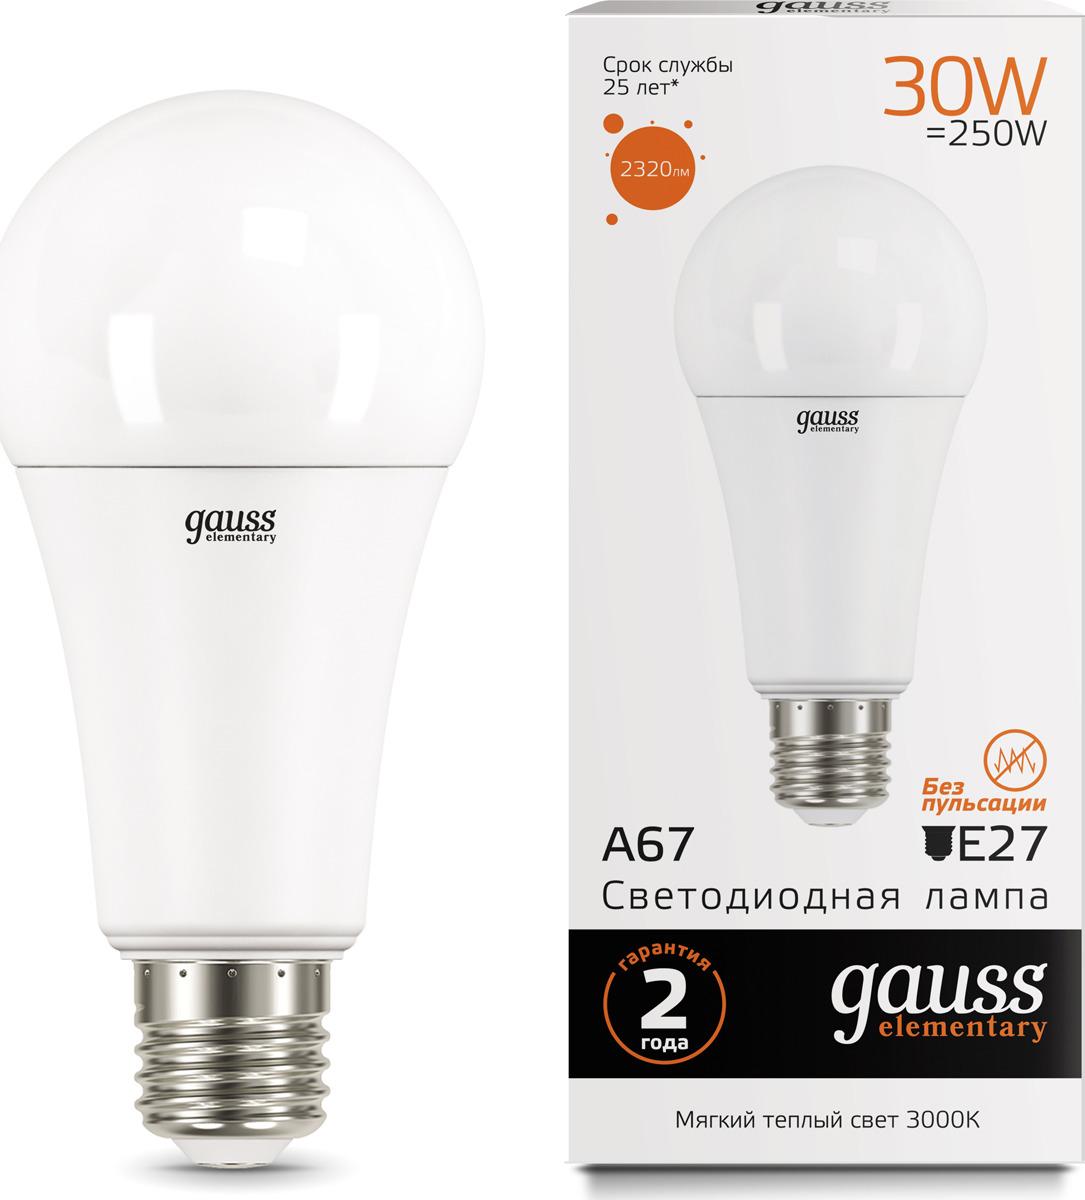 Лампочка Gauss Elementary LED, A67, E27, 30W, 73219